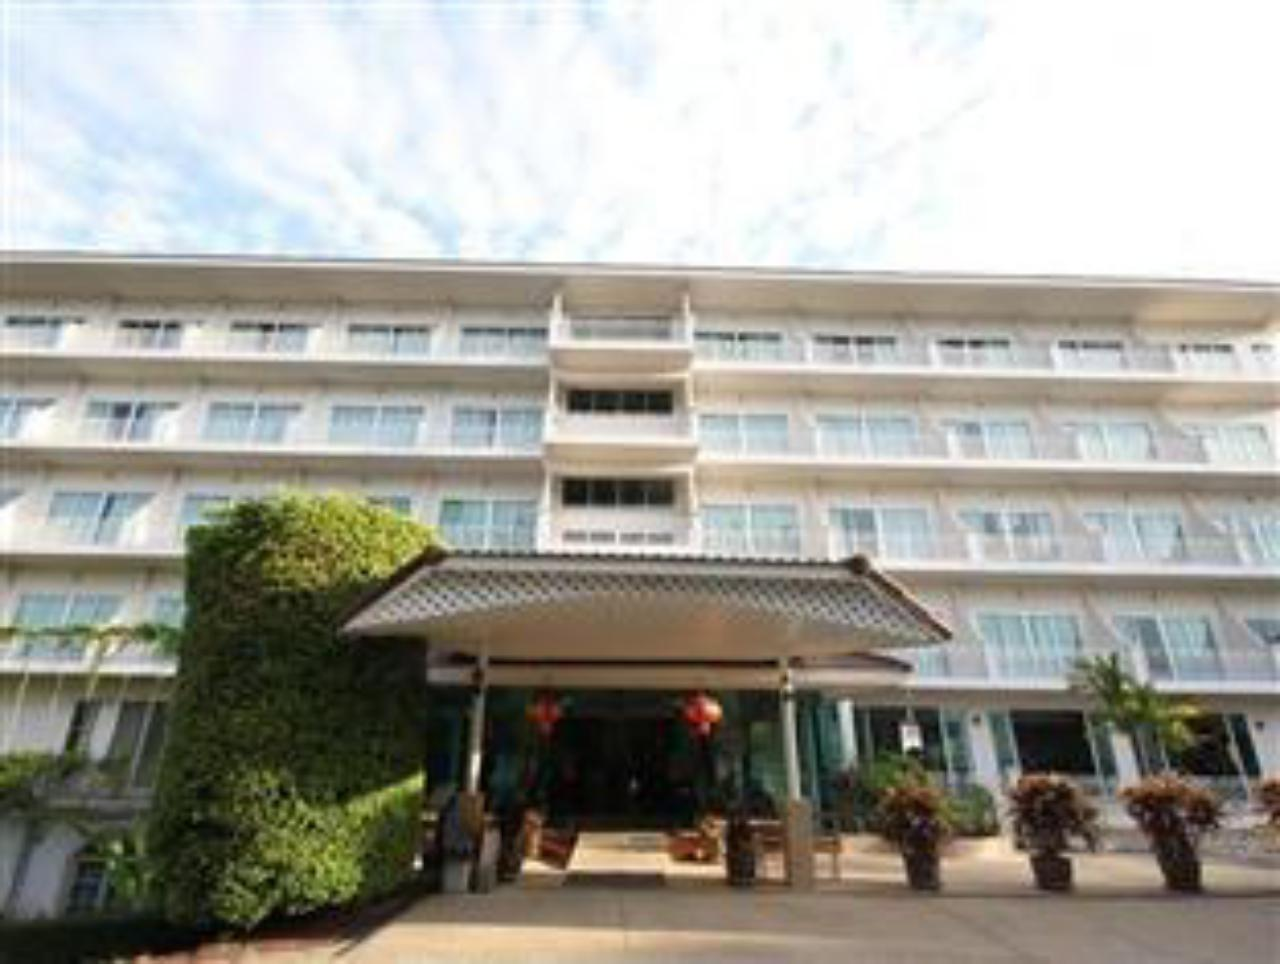 โรงแรมรัตนา วิว (Rattana View Hotel)